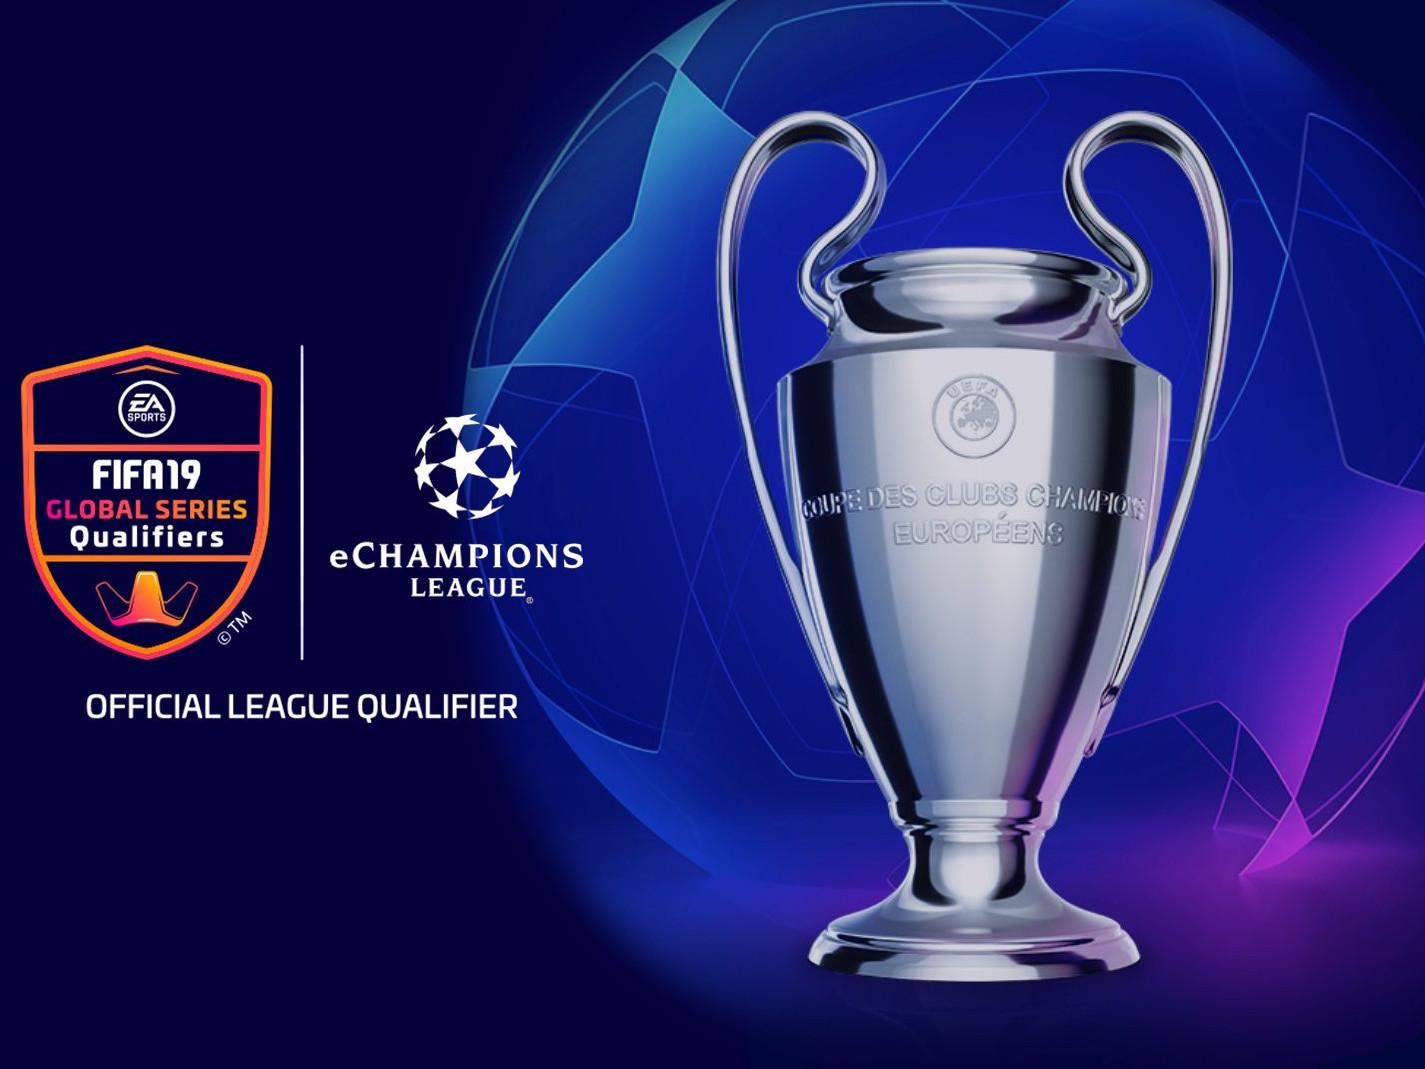 Fifa 19 Ea Und Uefa Kündigen Echampions League An Notebookcheck